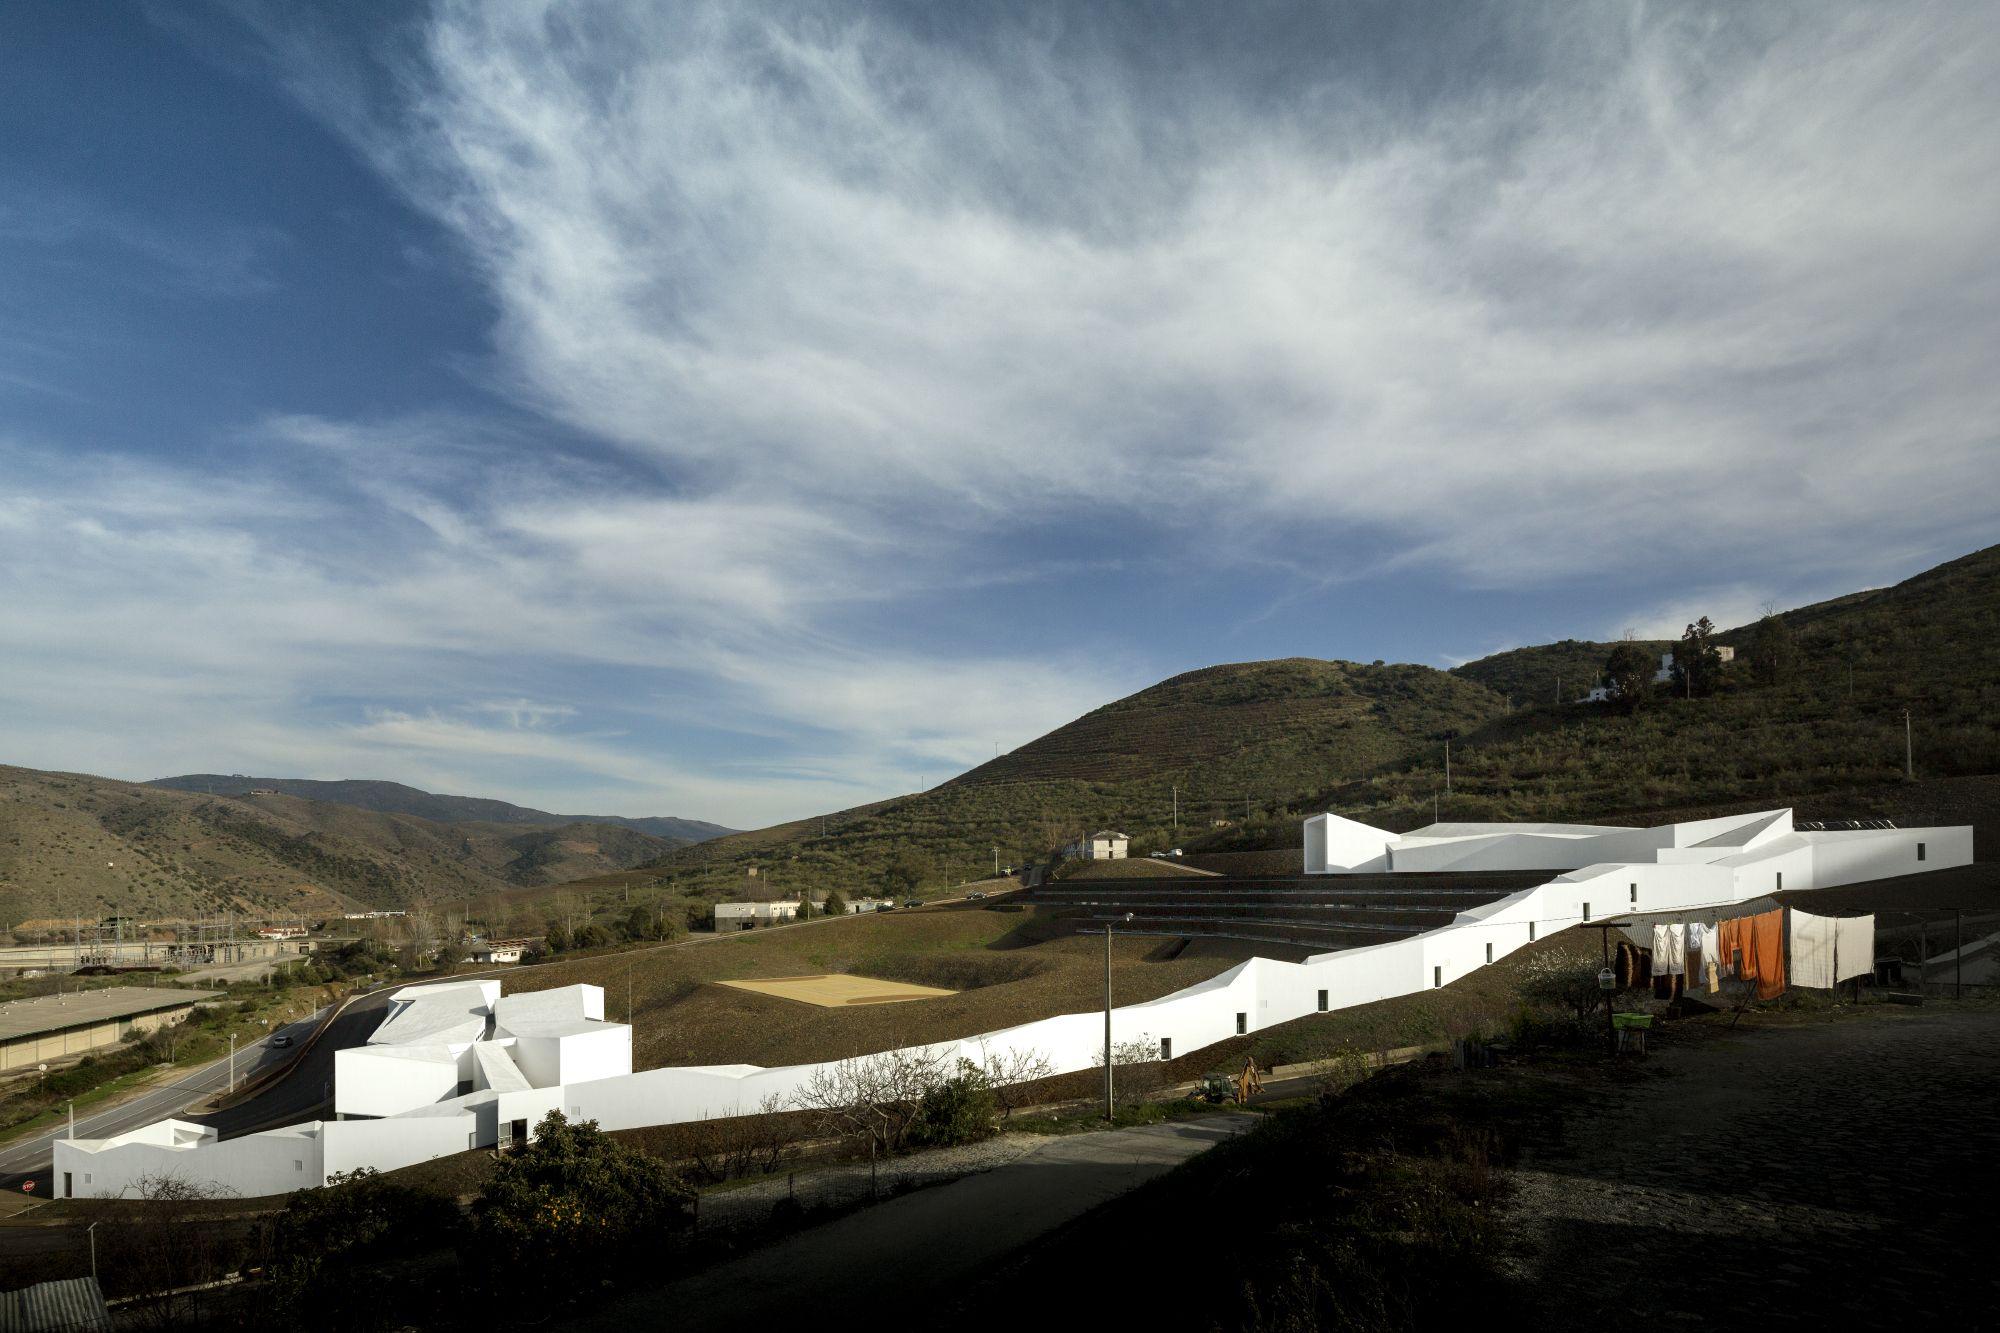 Álvaro Andrade | CENTER FOR HIGH YIELD - ROWING | POCINHO (FOZ CÔA), PORTUGAL | © Fernando Guerra, FG+SG